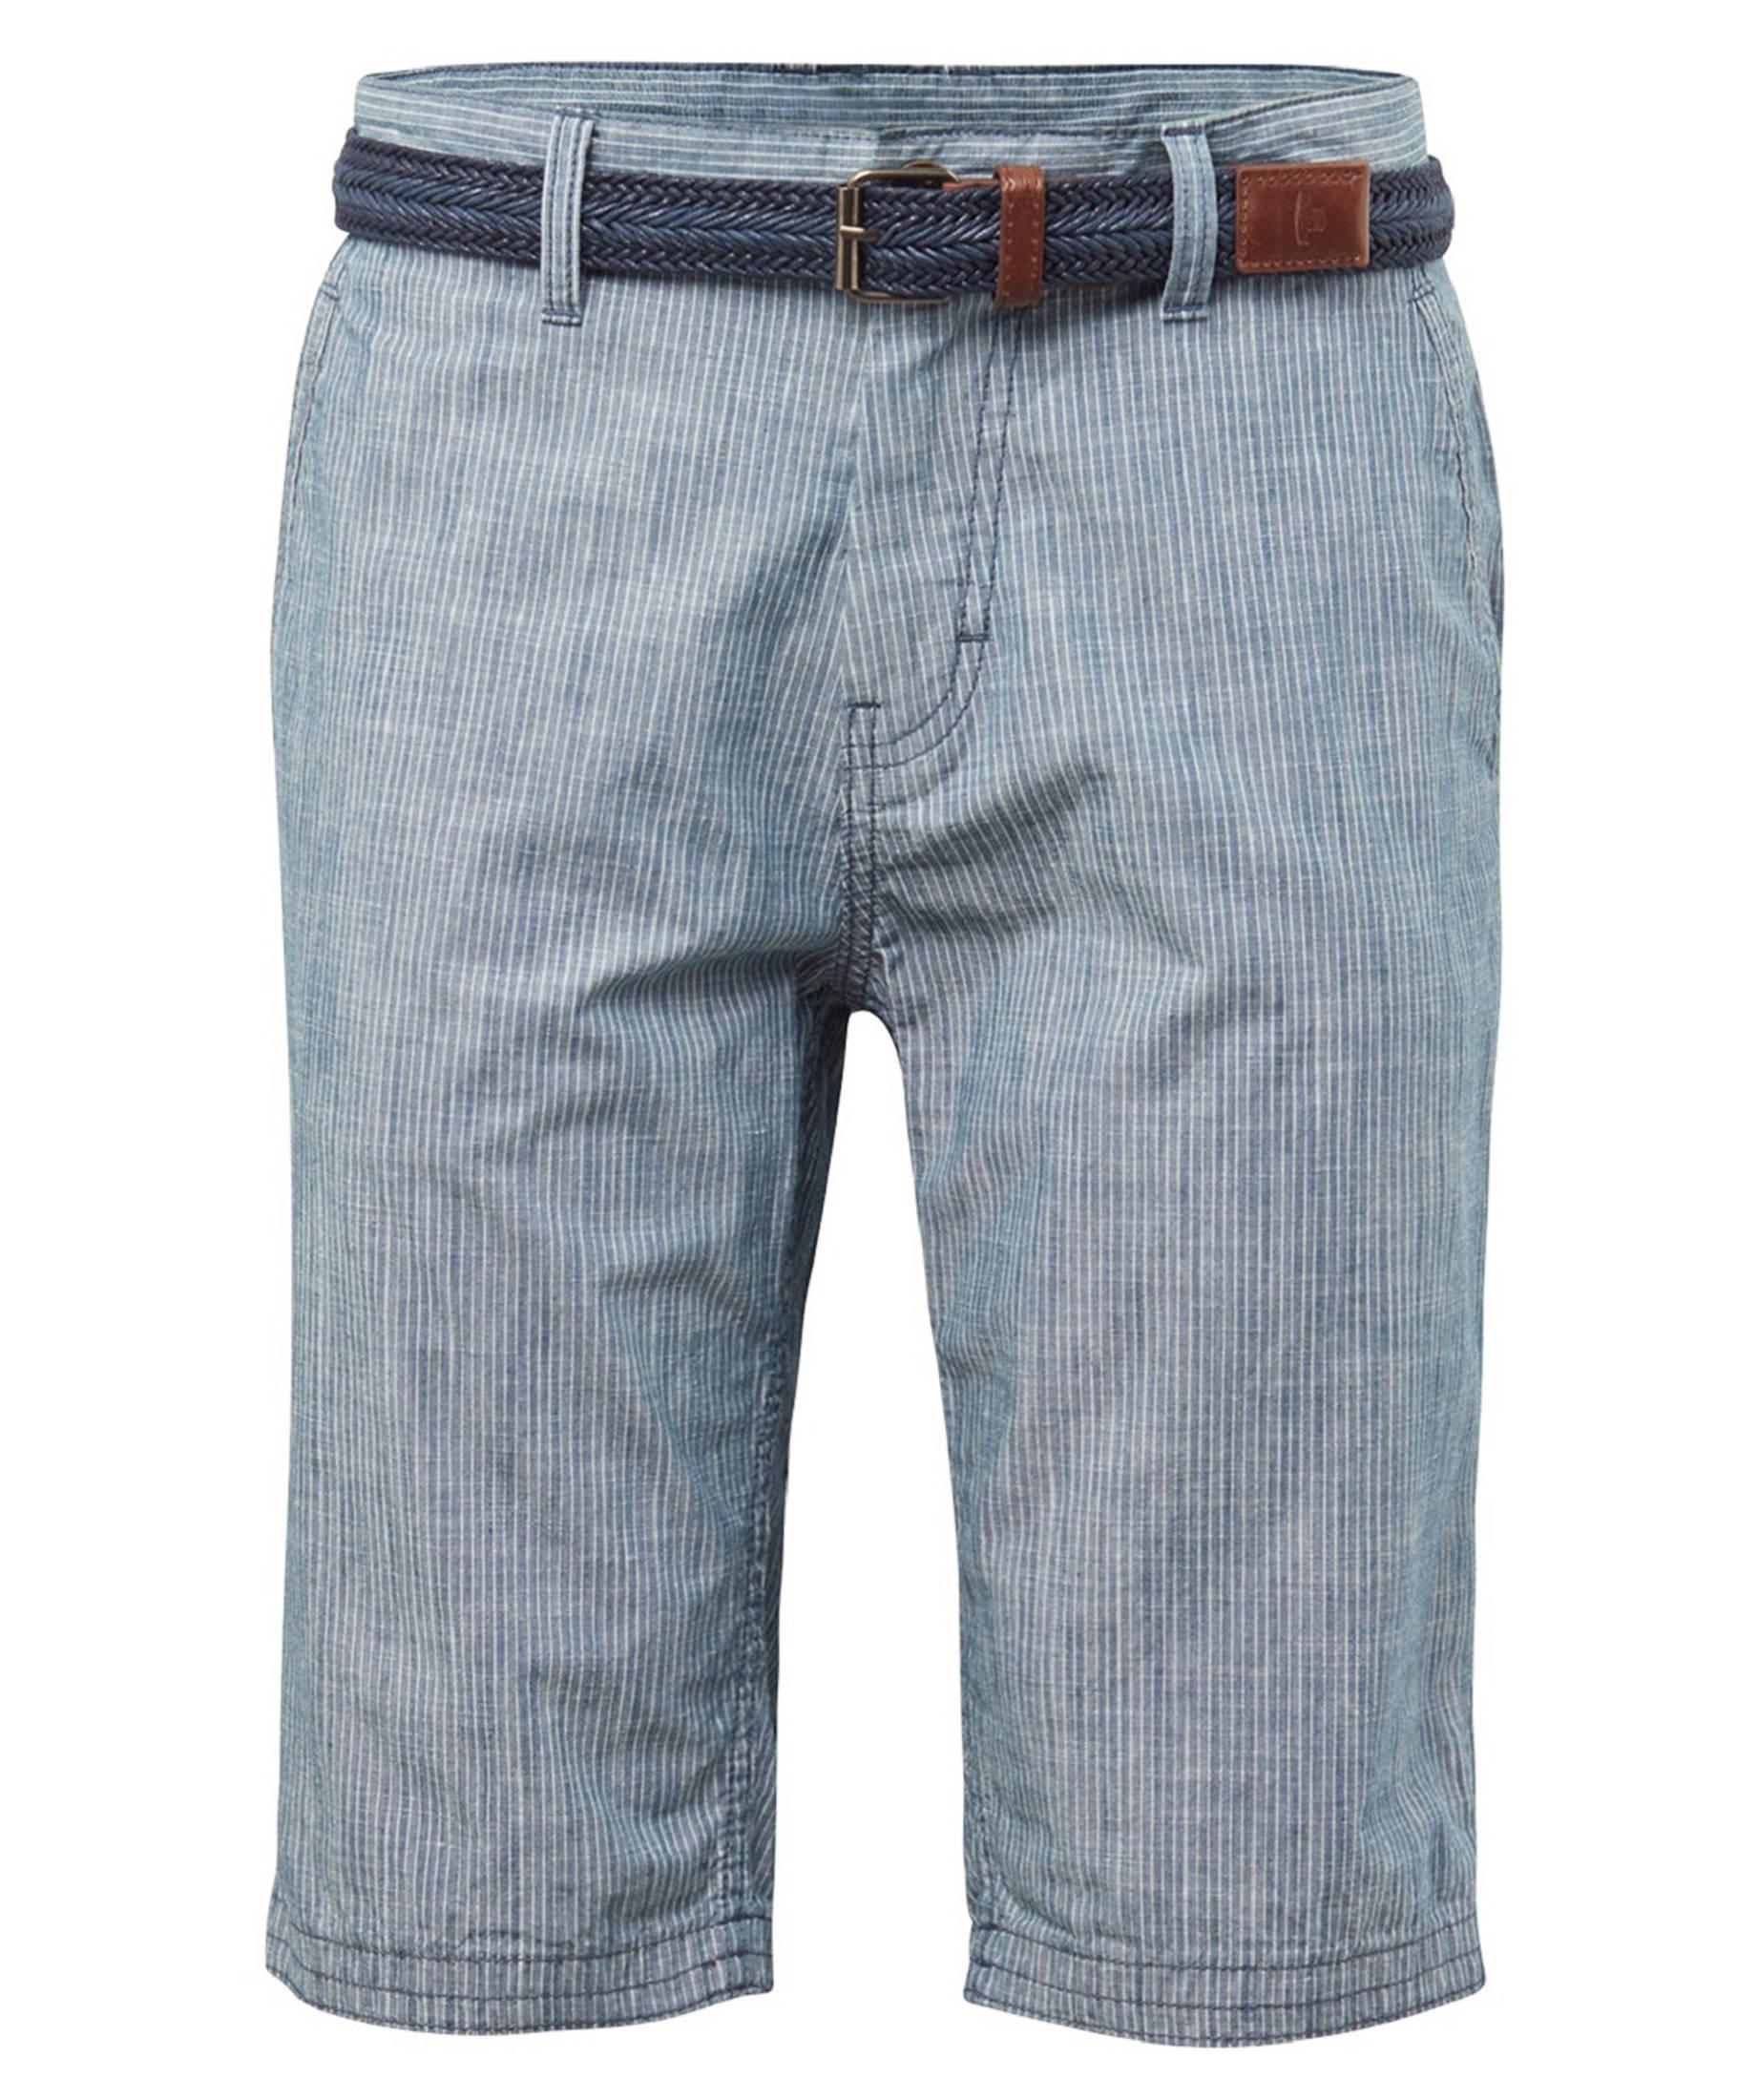 Tom Tailor Herren Shorts